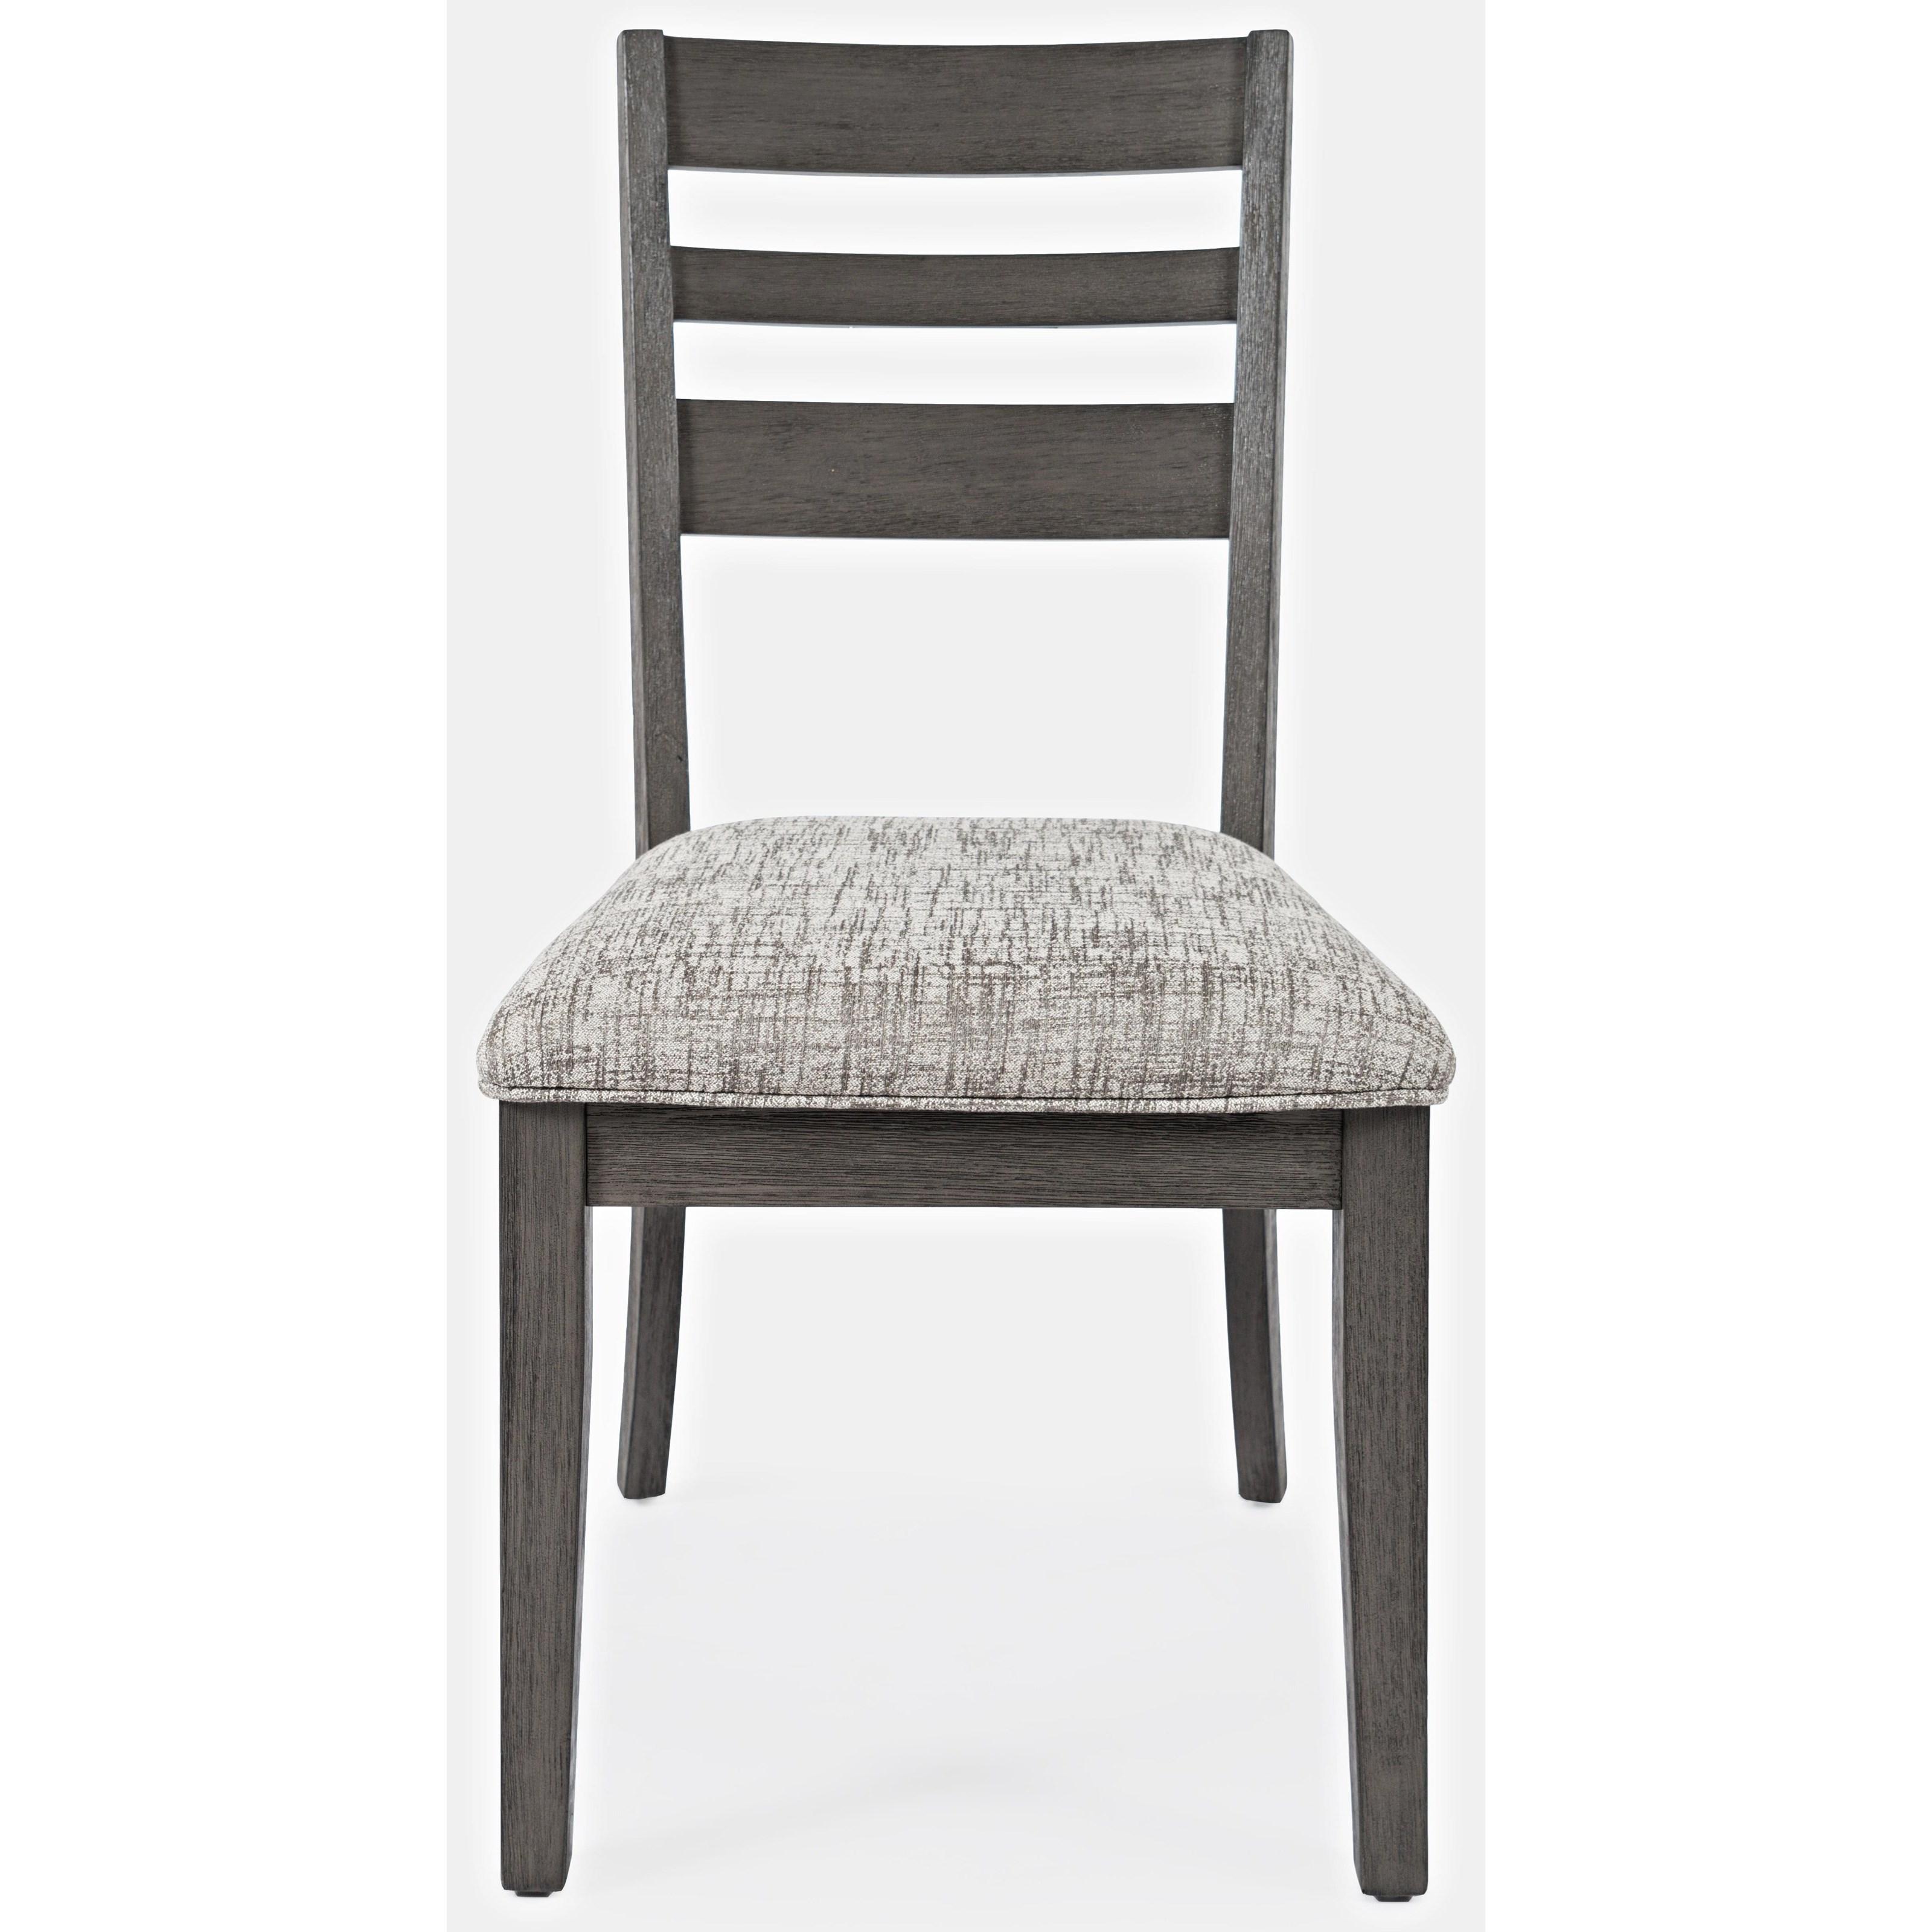 Altamonte  Ladderback Chair by Jofran at Crowley Furniture & Mattress